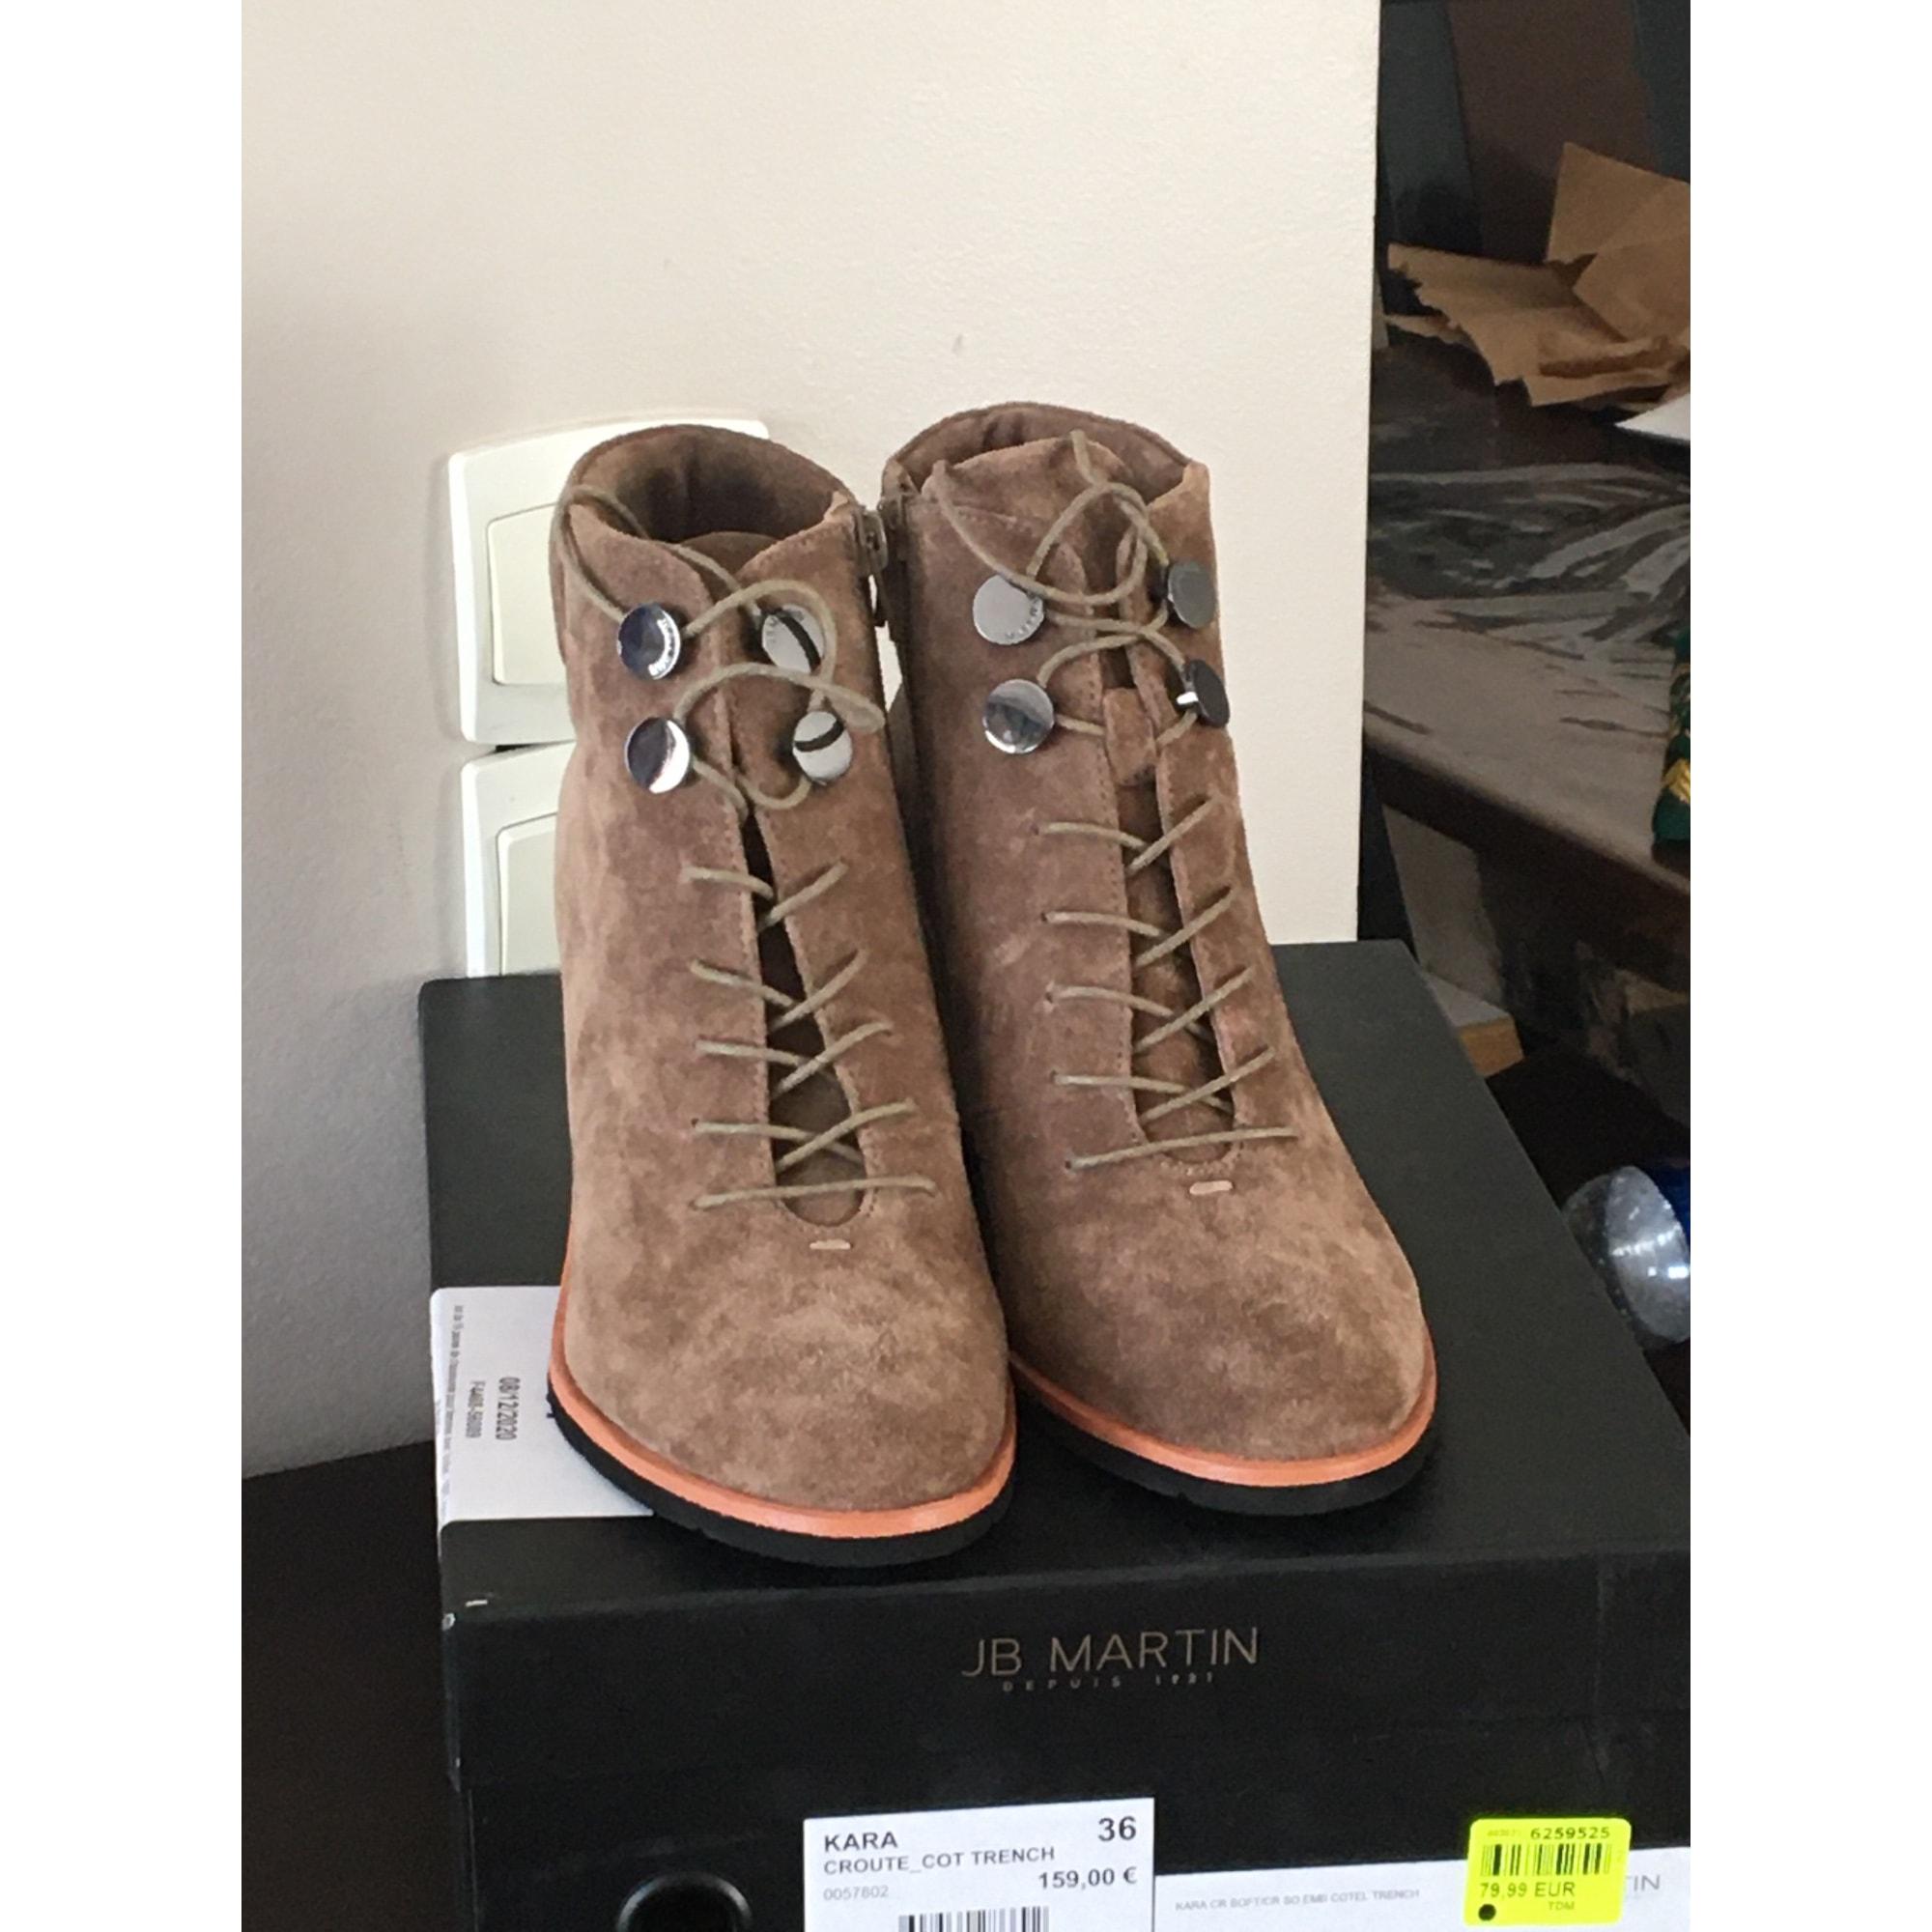 Bottines & low boots à compensés JB MARTIN Beige, camel